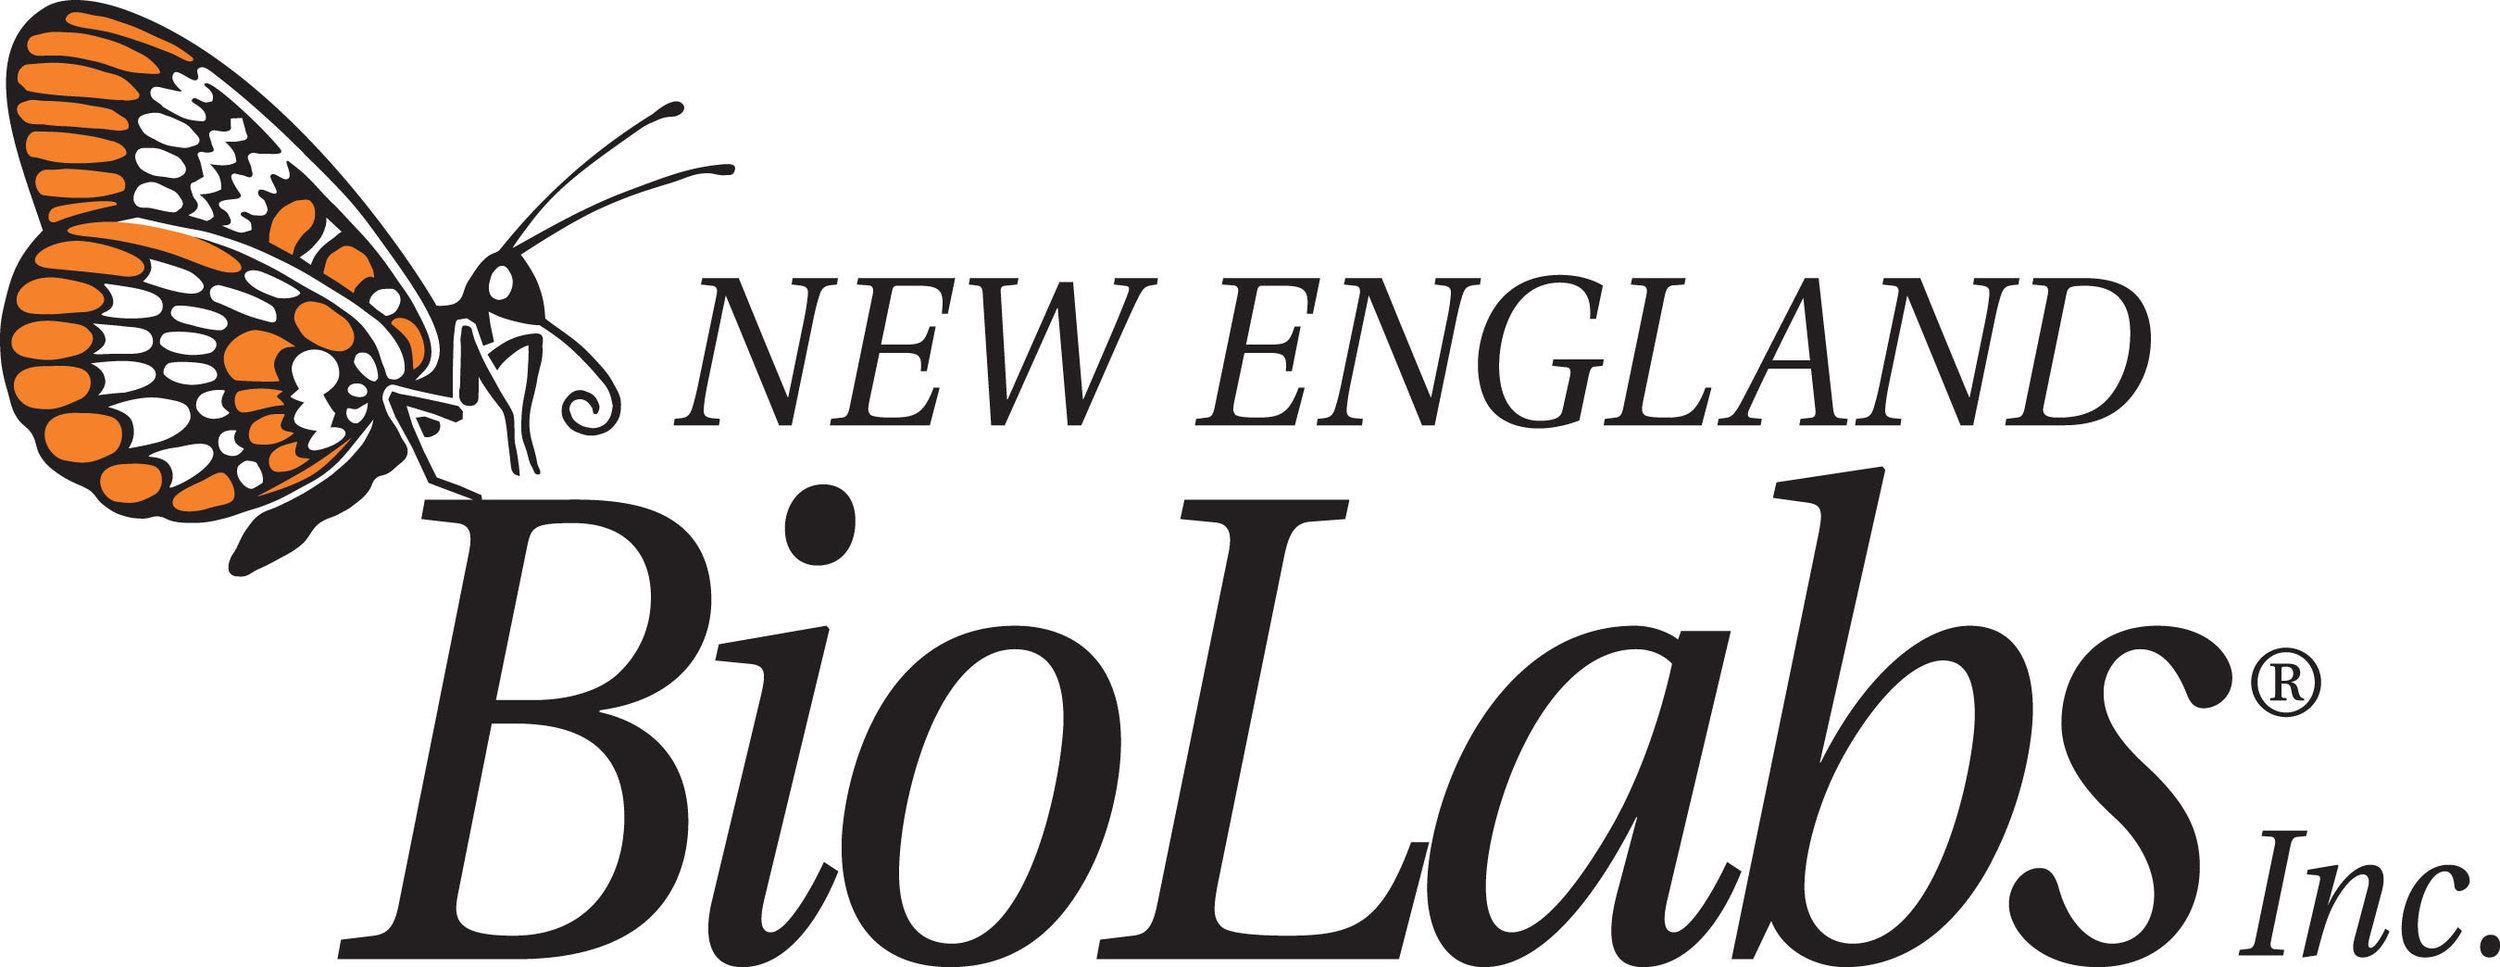 NEB logo.jpeg